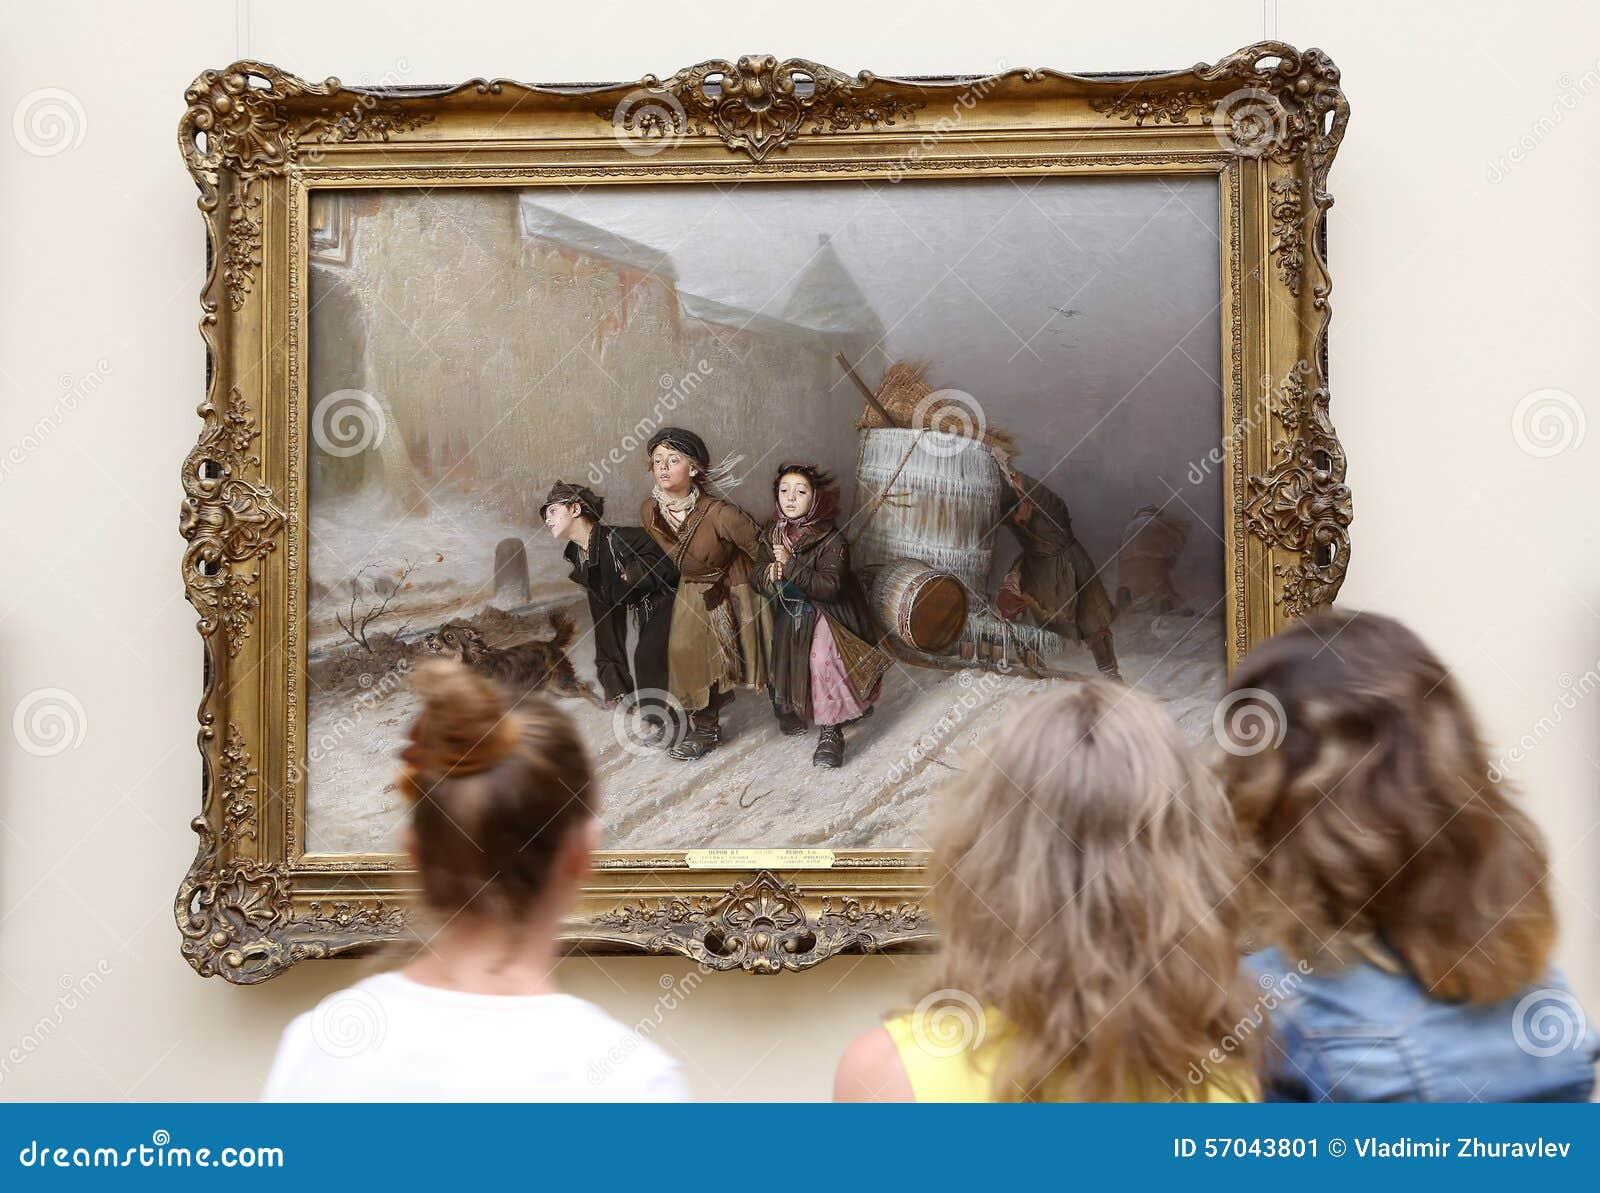 Galerie photos : Russie - hsgmfreefr